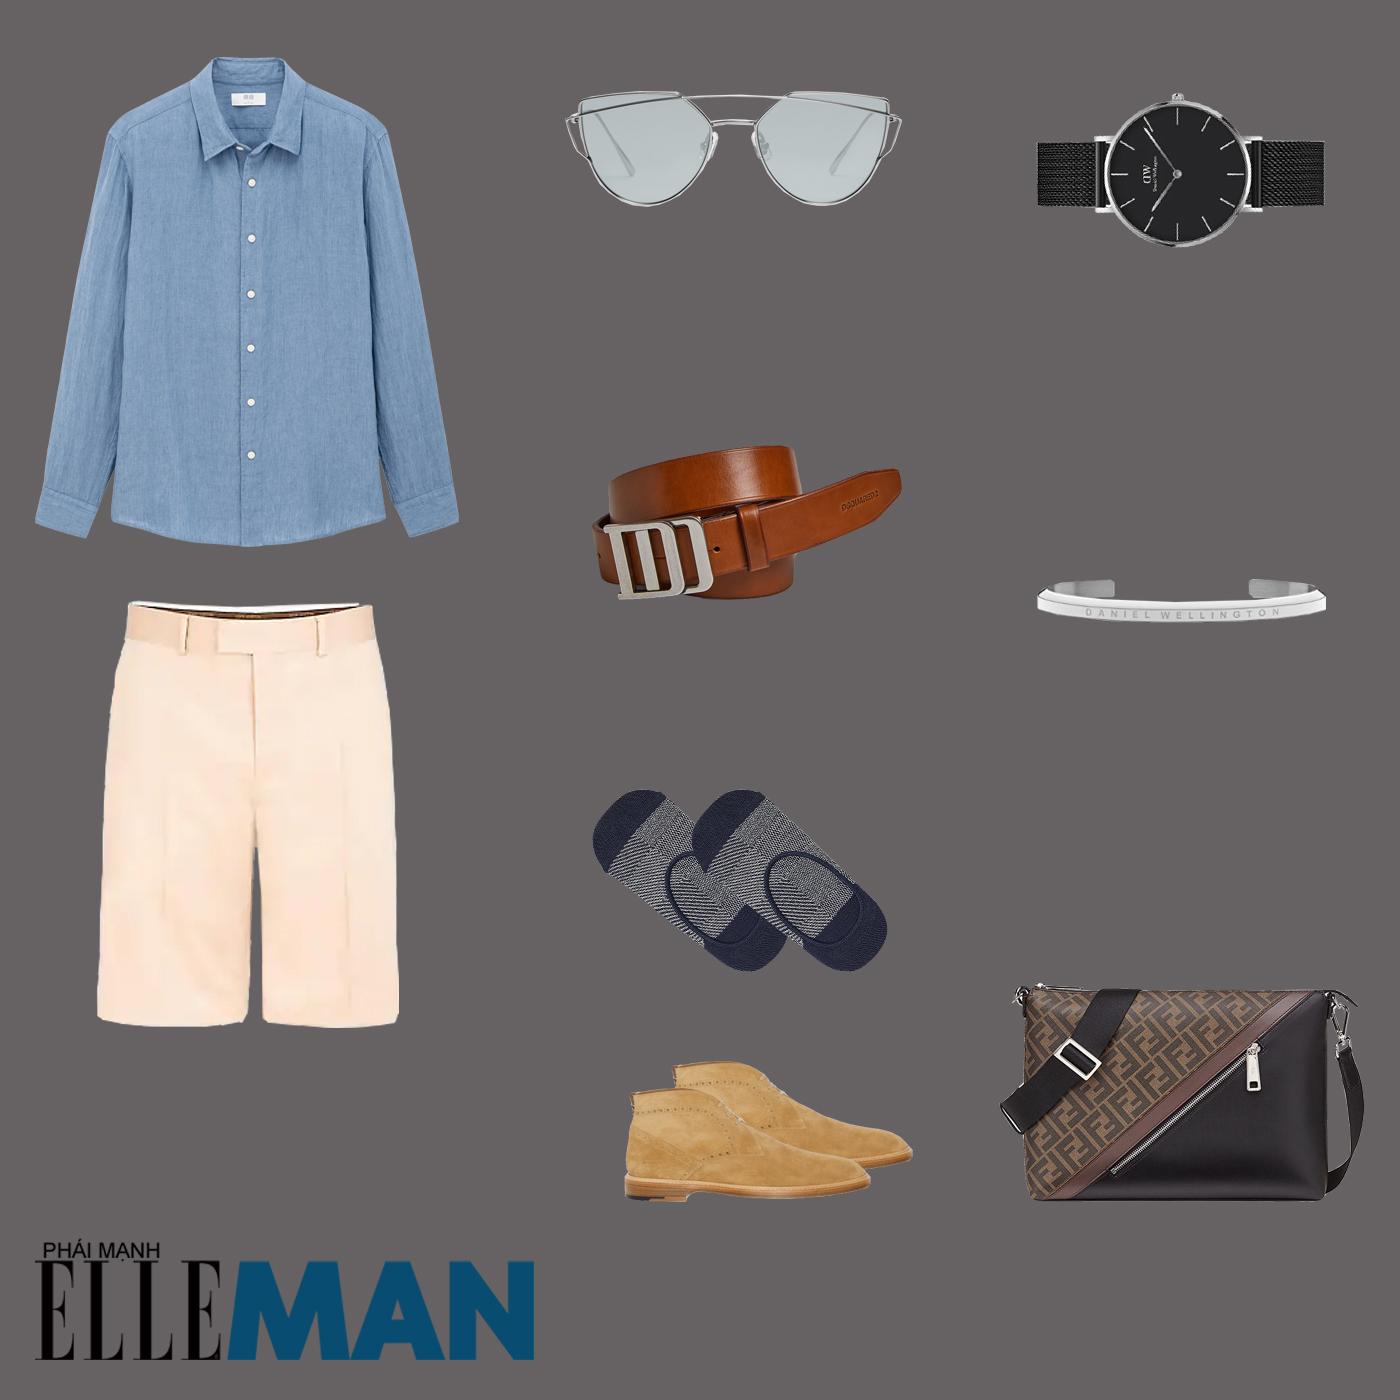 outfit 2 - phối đồ với quần shorts nam